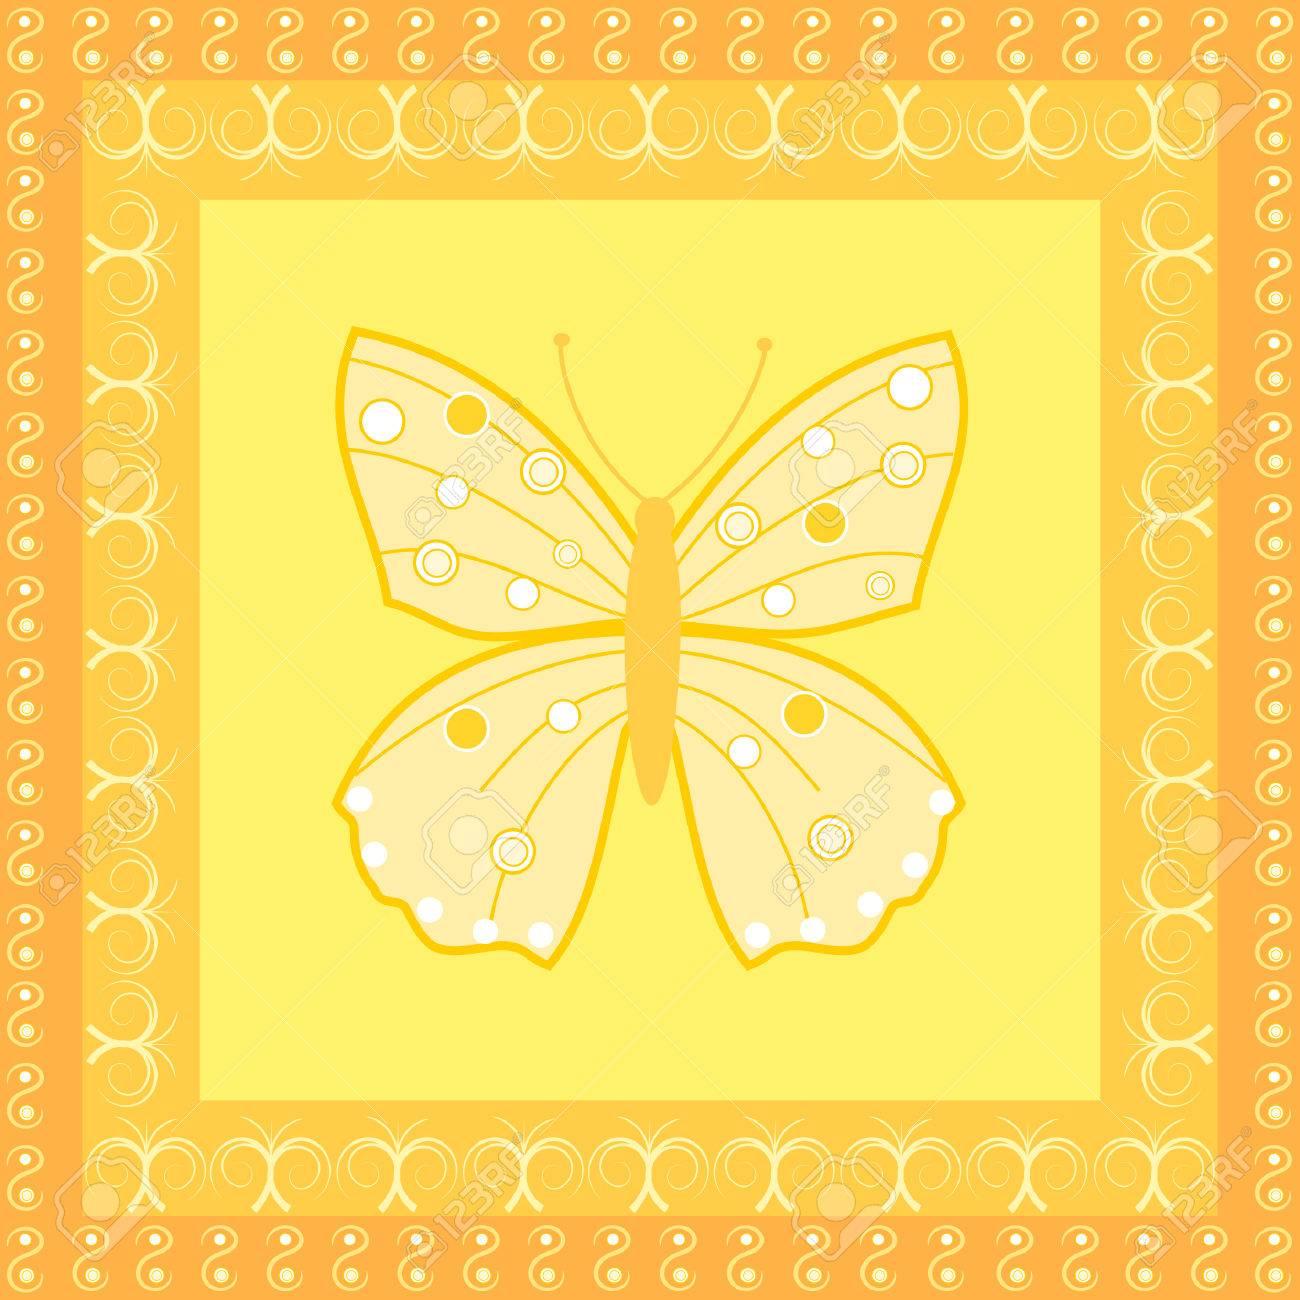 Una Mariposa En Las Plazas De Color Amarillo Y Naranja Enmarcado Con ...